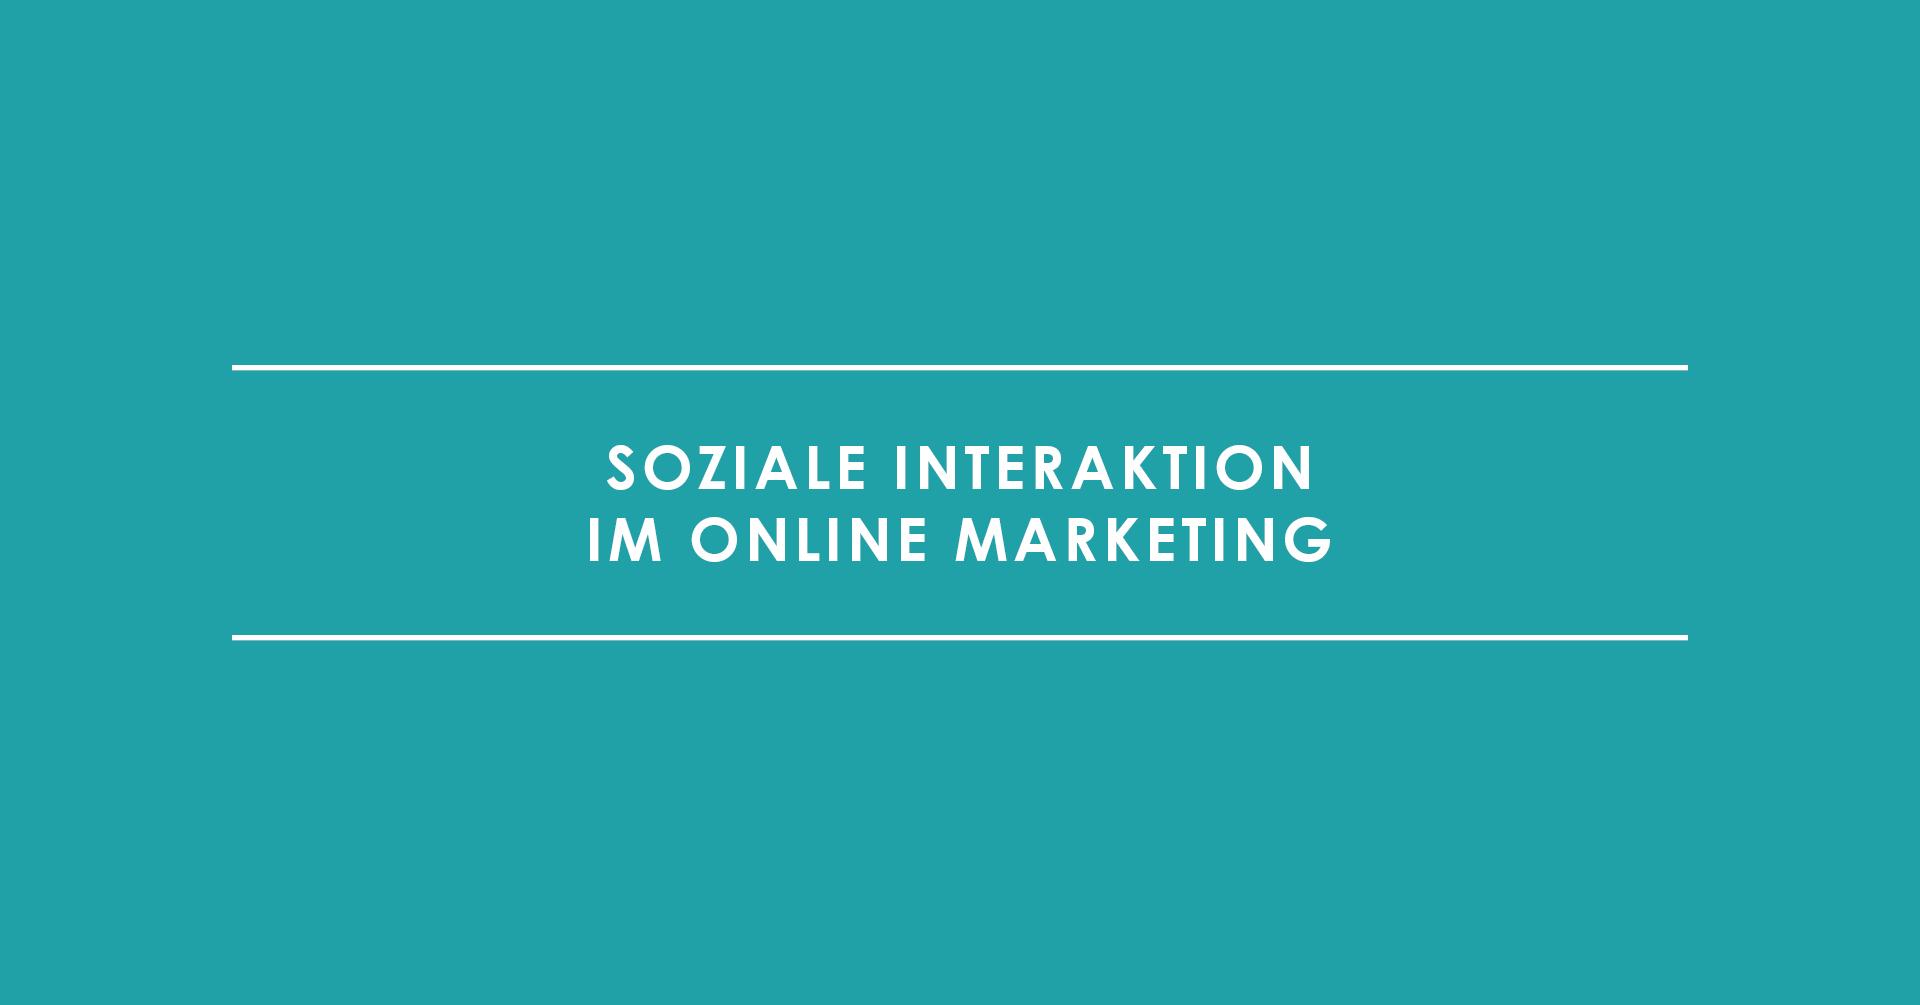 Soziale Interaktion im Online Marketing